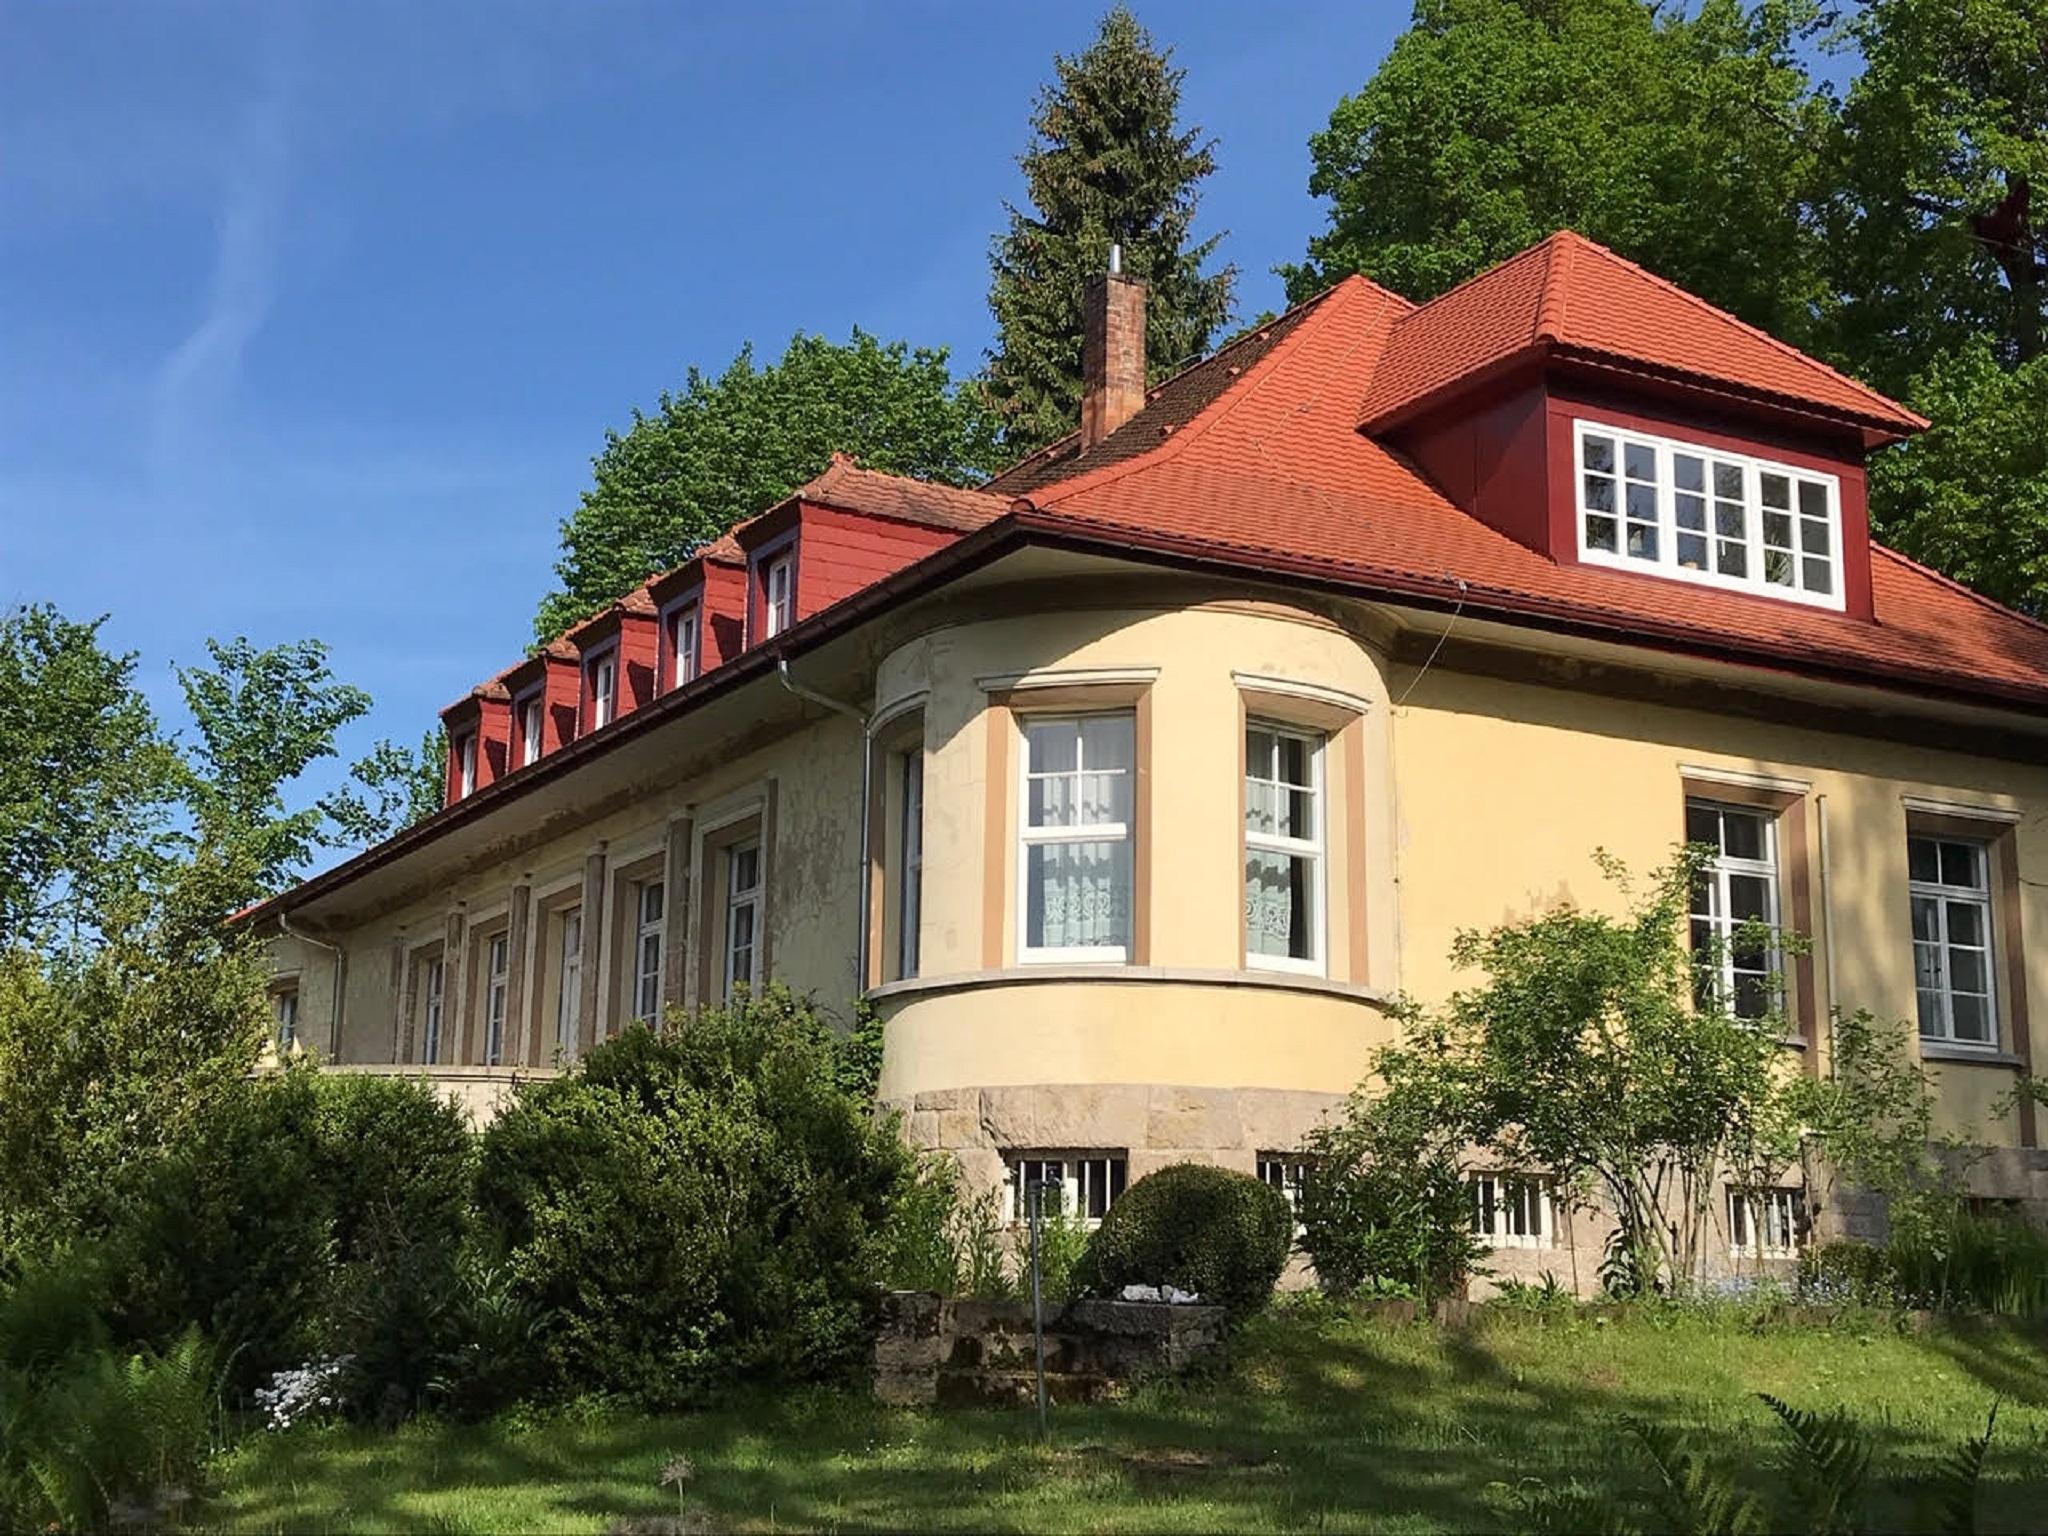 Villa Bergmann Münchberg Gästeappartment zum stilvollen Wohnen auf Zeit